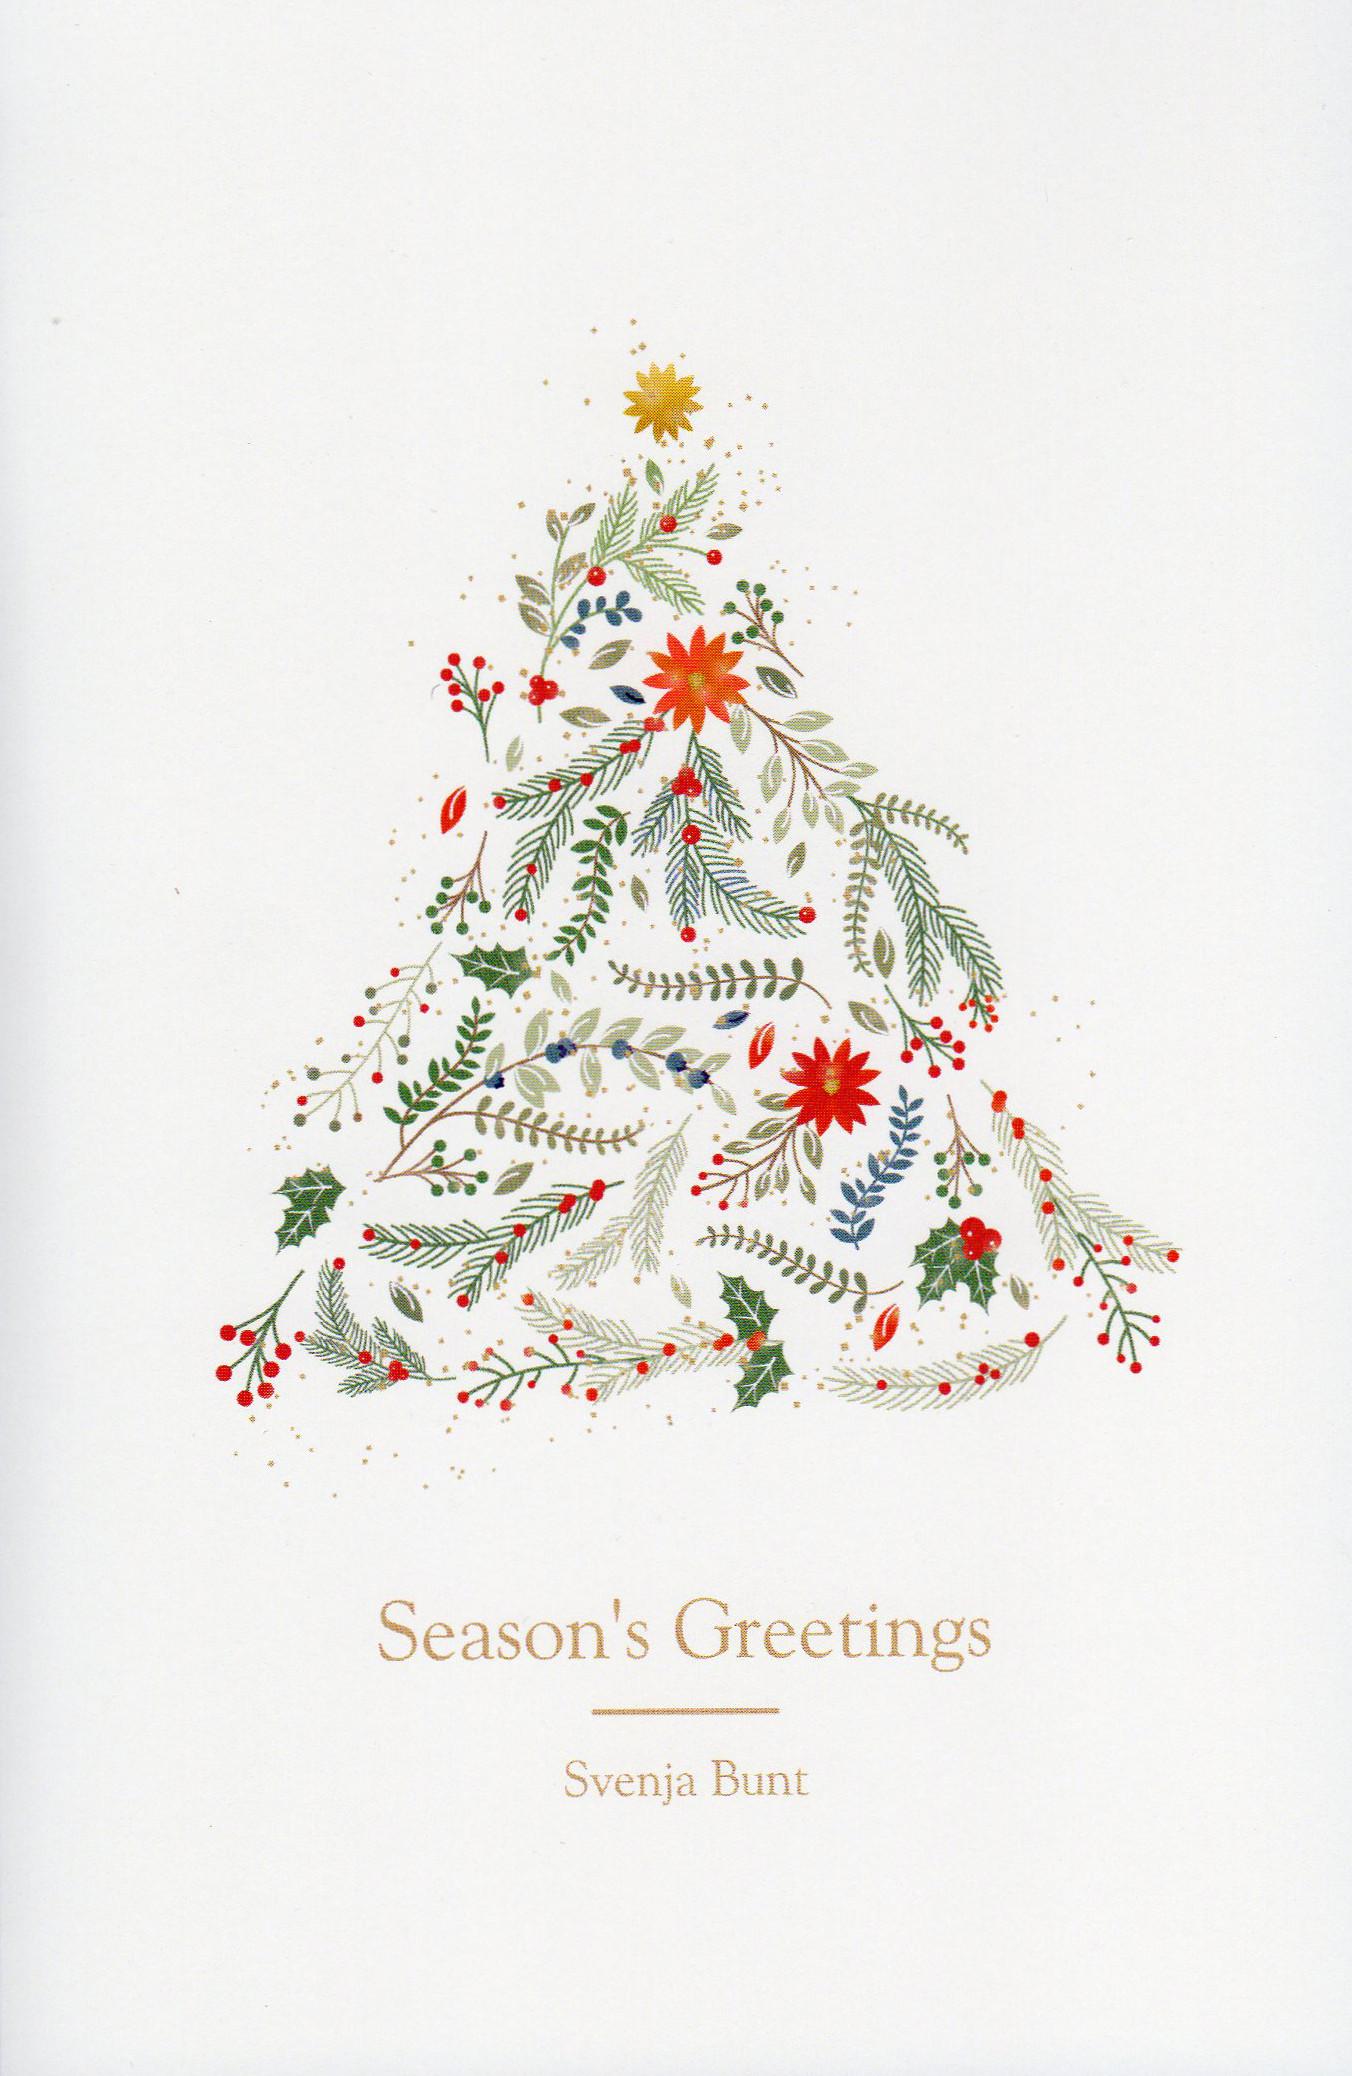 Weihnachtskarte. Weihnachtsbaum mit Schriftzug: Seasons's Greetings Svenja Bunt.